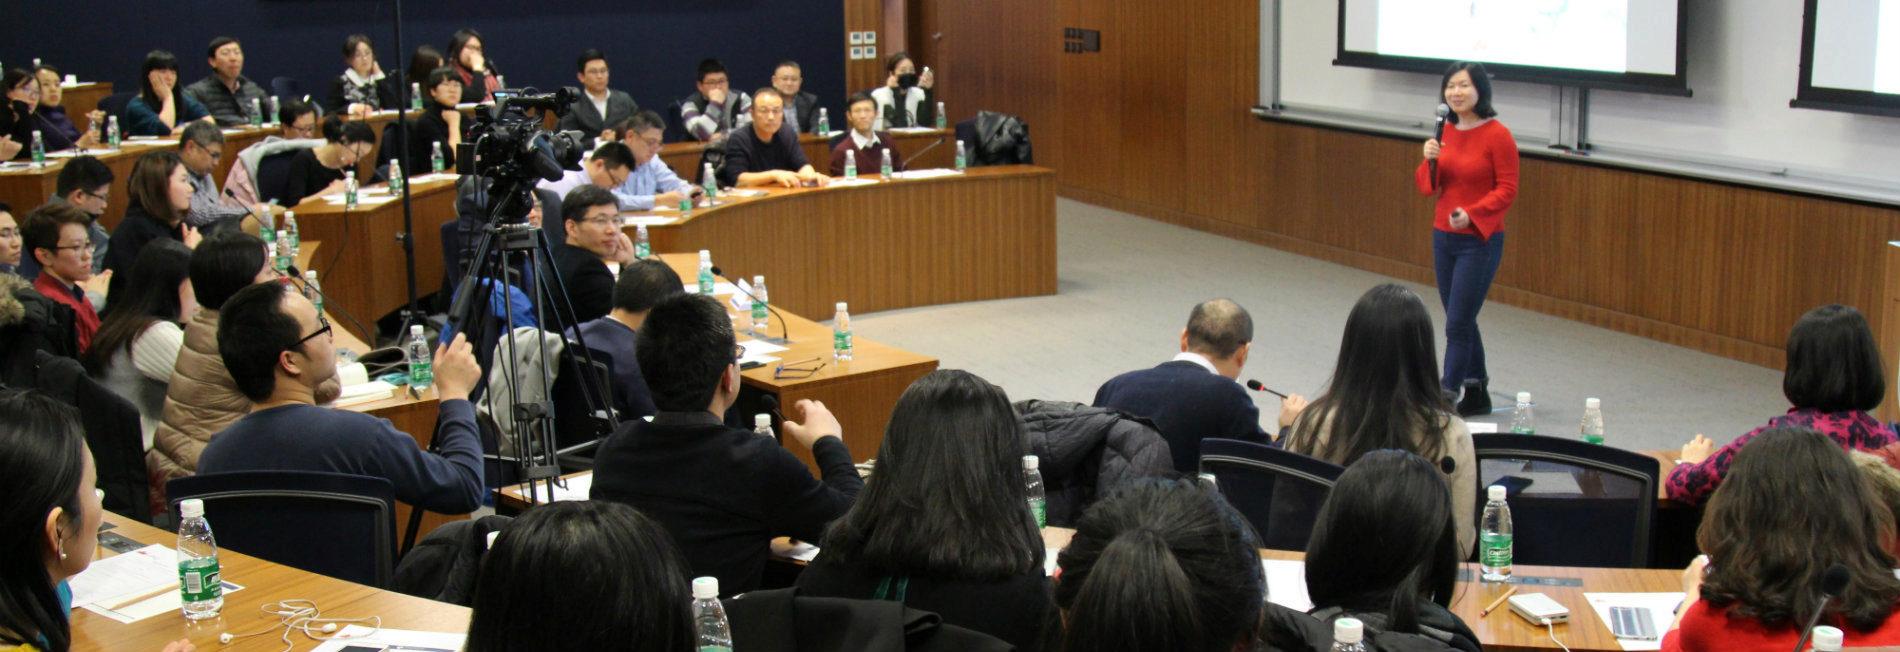 Lei Wang speaking at PWCC